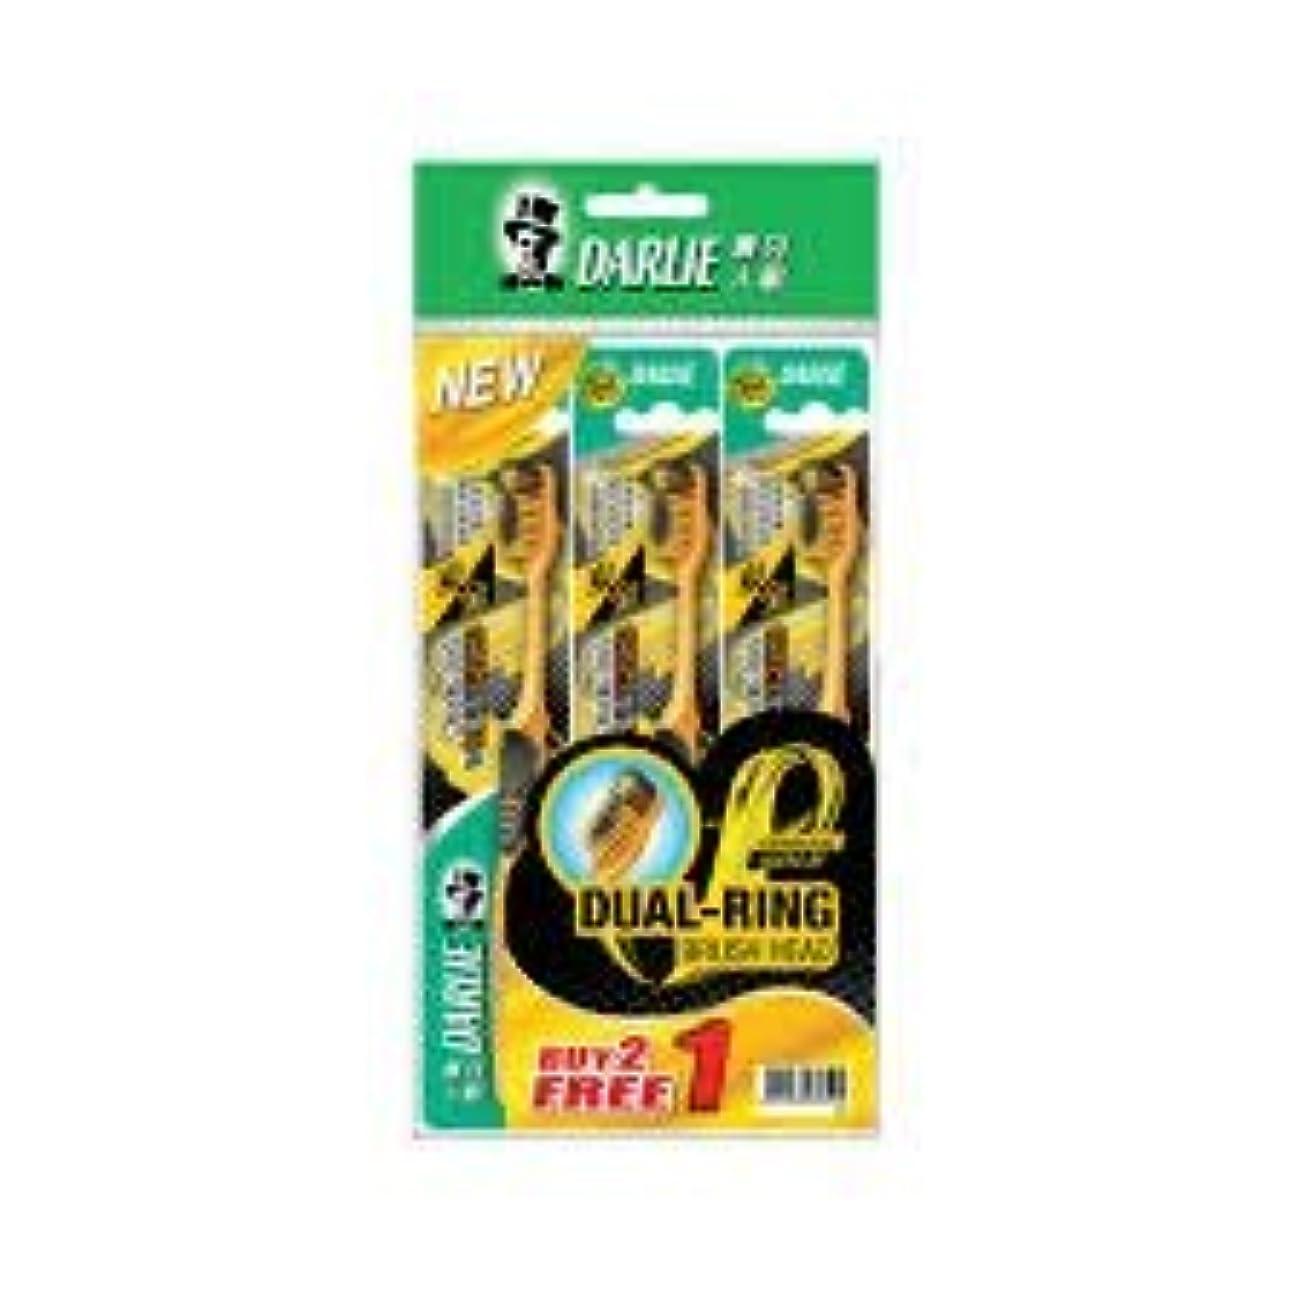 主人追い出す作成者DARLIE 炭の歯ブラシb2f1 - ビス - ヘッドデザイン、深いクリーニングとプラークの蓄積を防止する押えリング